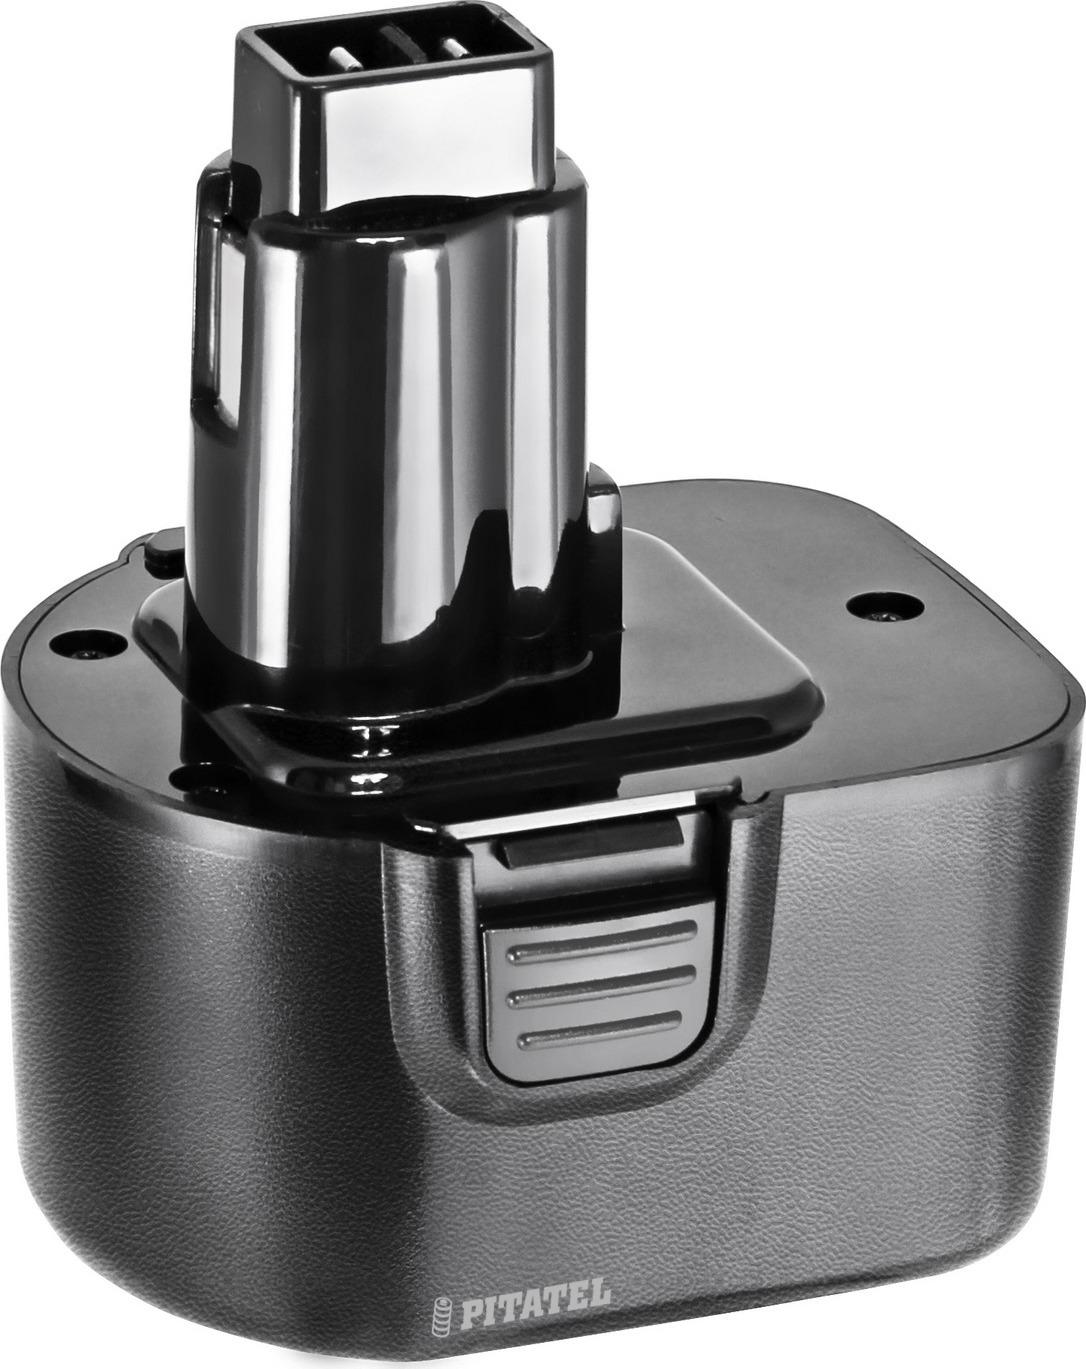 Аккумулятор для инструмента Pitatel для DEWALT. TSB-056-DE12/BD12A-33M 2x 12v 3 0 ah 3000mah nimh replacement battery for dewalt cordless power tools de9037 de9071 de9072 de9074